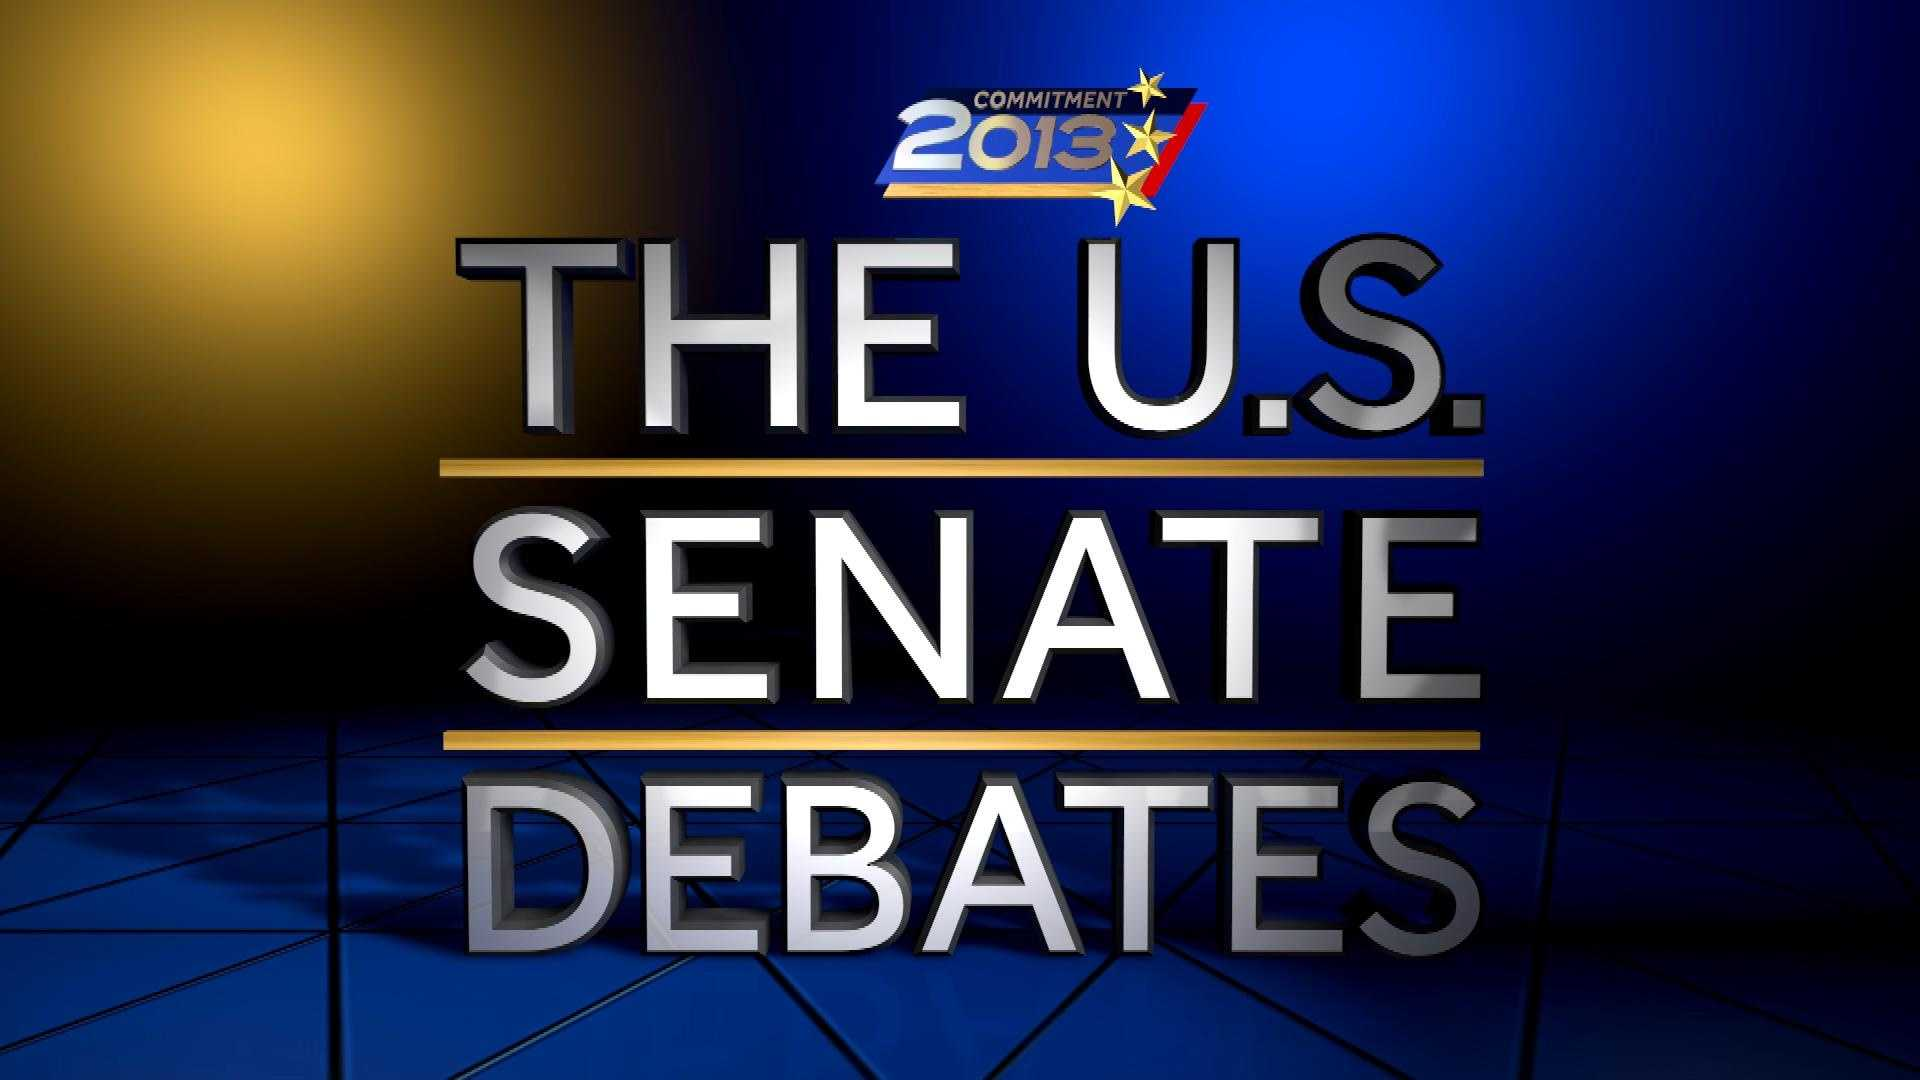 Image: Senate Debate